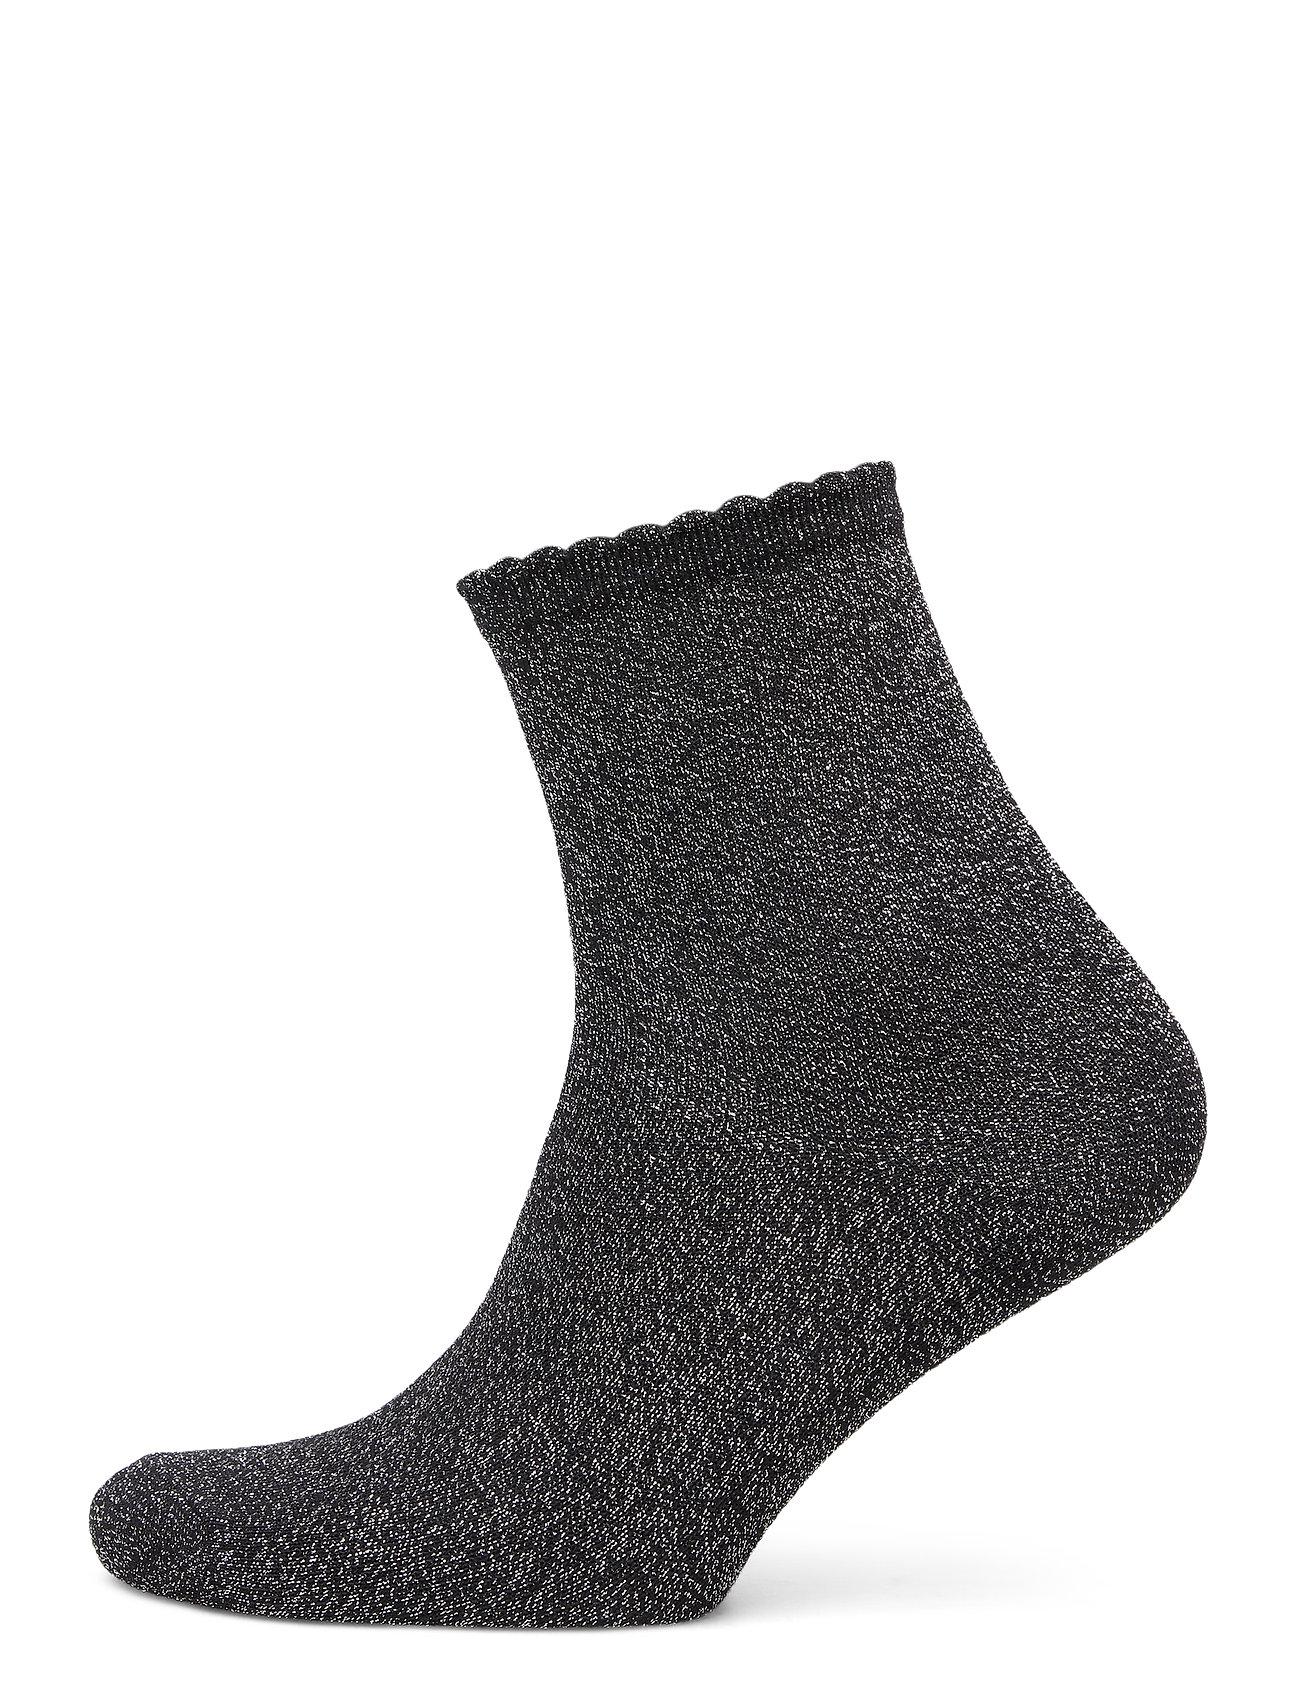 Image of Pcsebby Glitter Long 1 Pack Socks Noos Lingerie Socks Regular Socks Sort Pieces (3492735437)